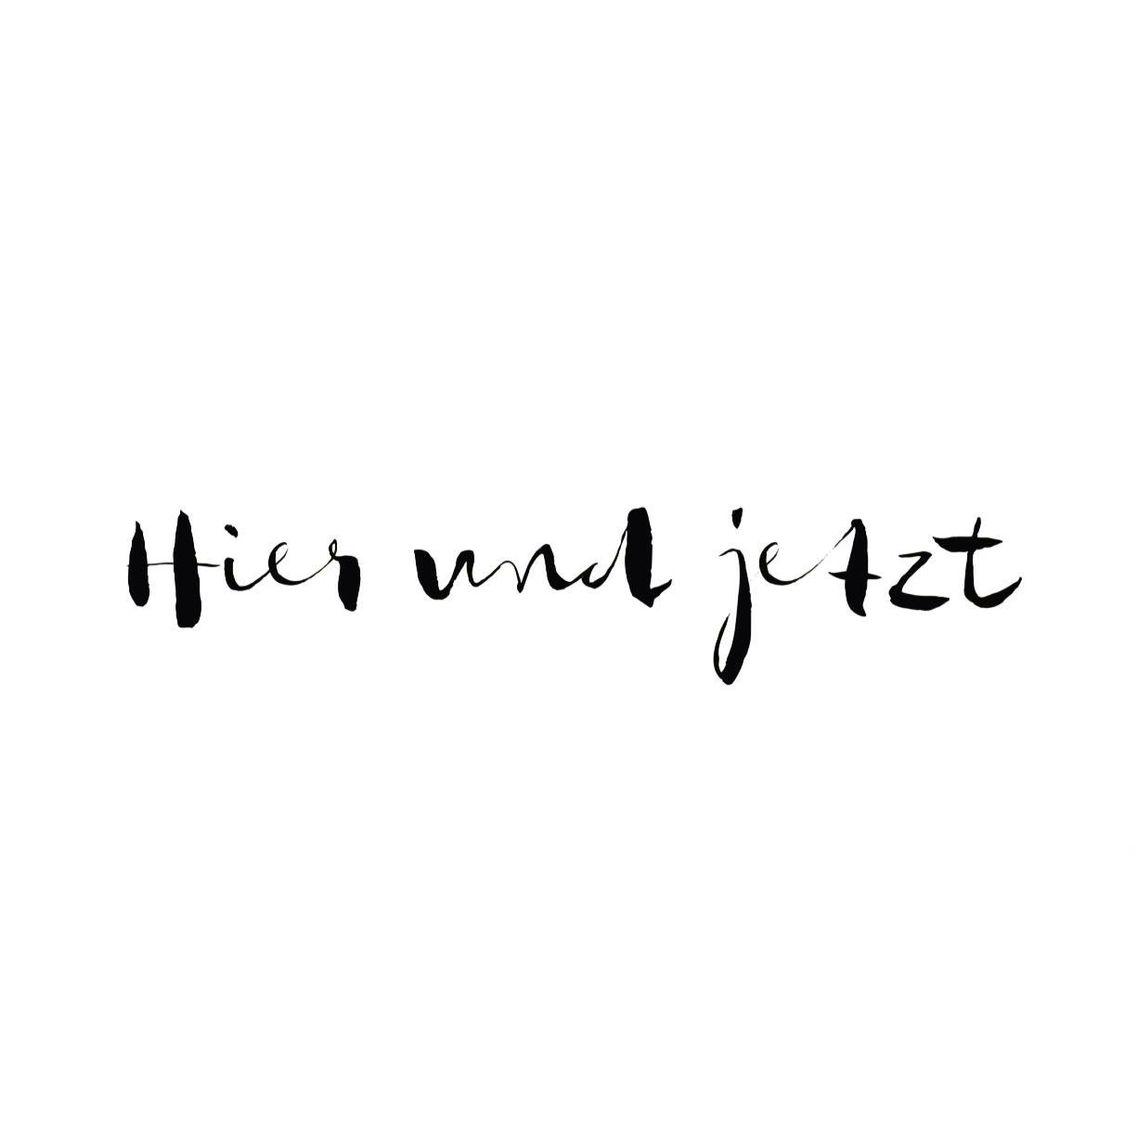 Hier und jetzt | Tattoo | Pinterest - Tattoo Sprüche Weisheiten